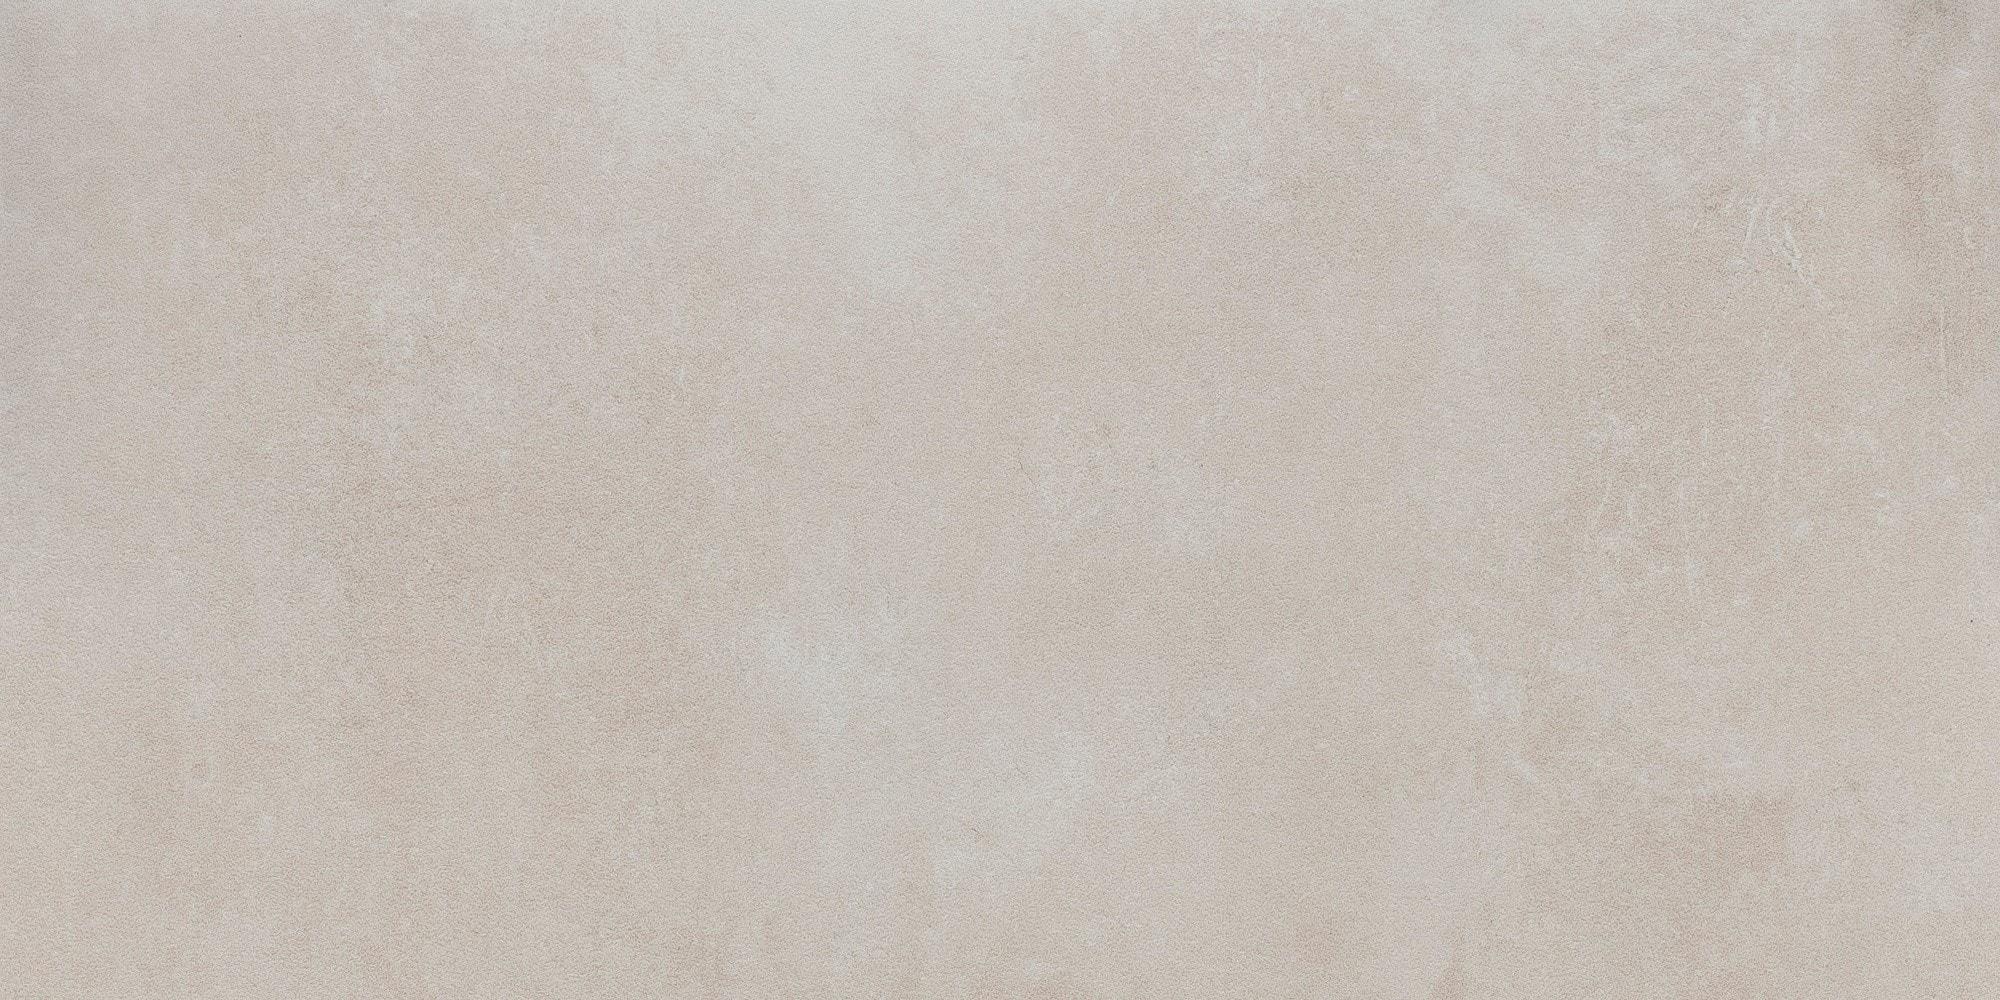 Płytka podłogowa Cerrad Tassero Beige 597x297x8,5mm 21199